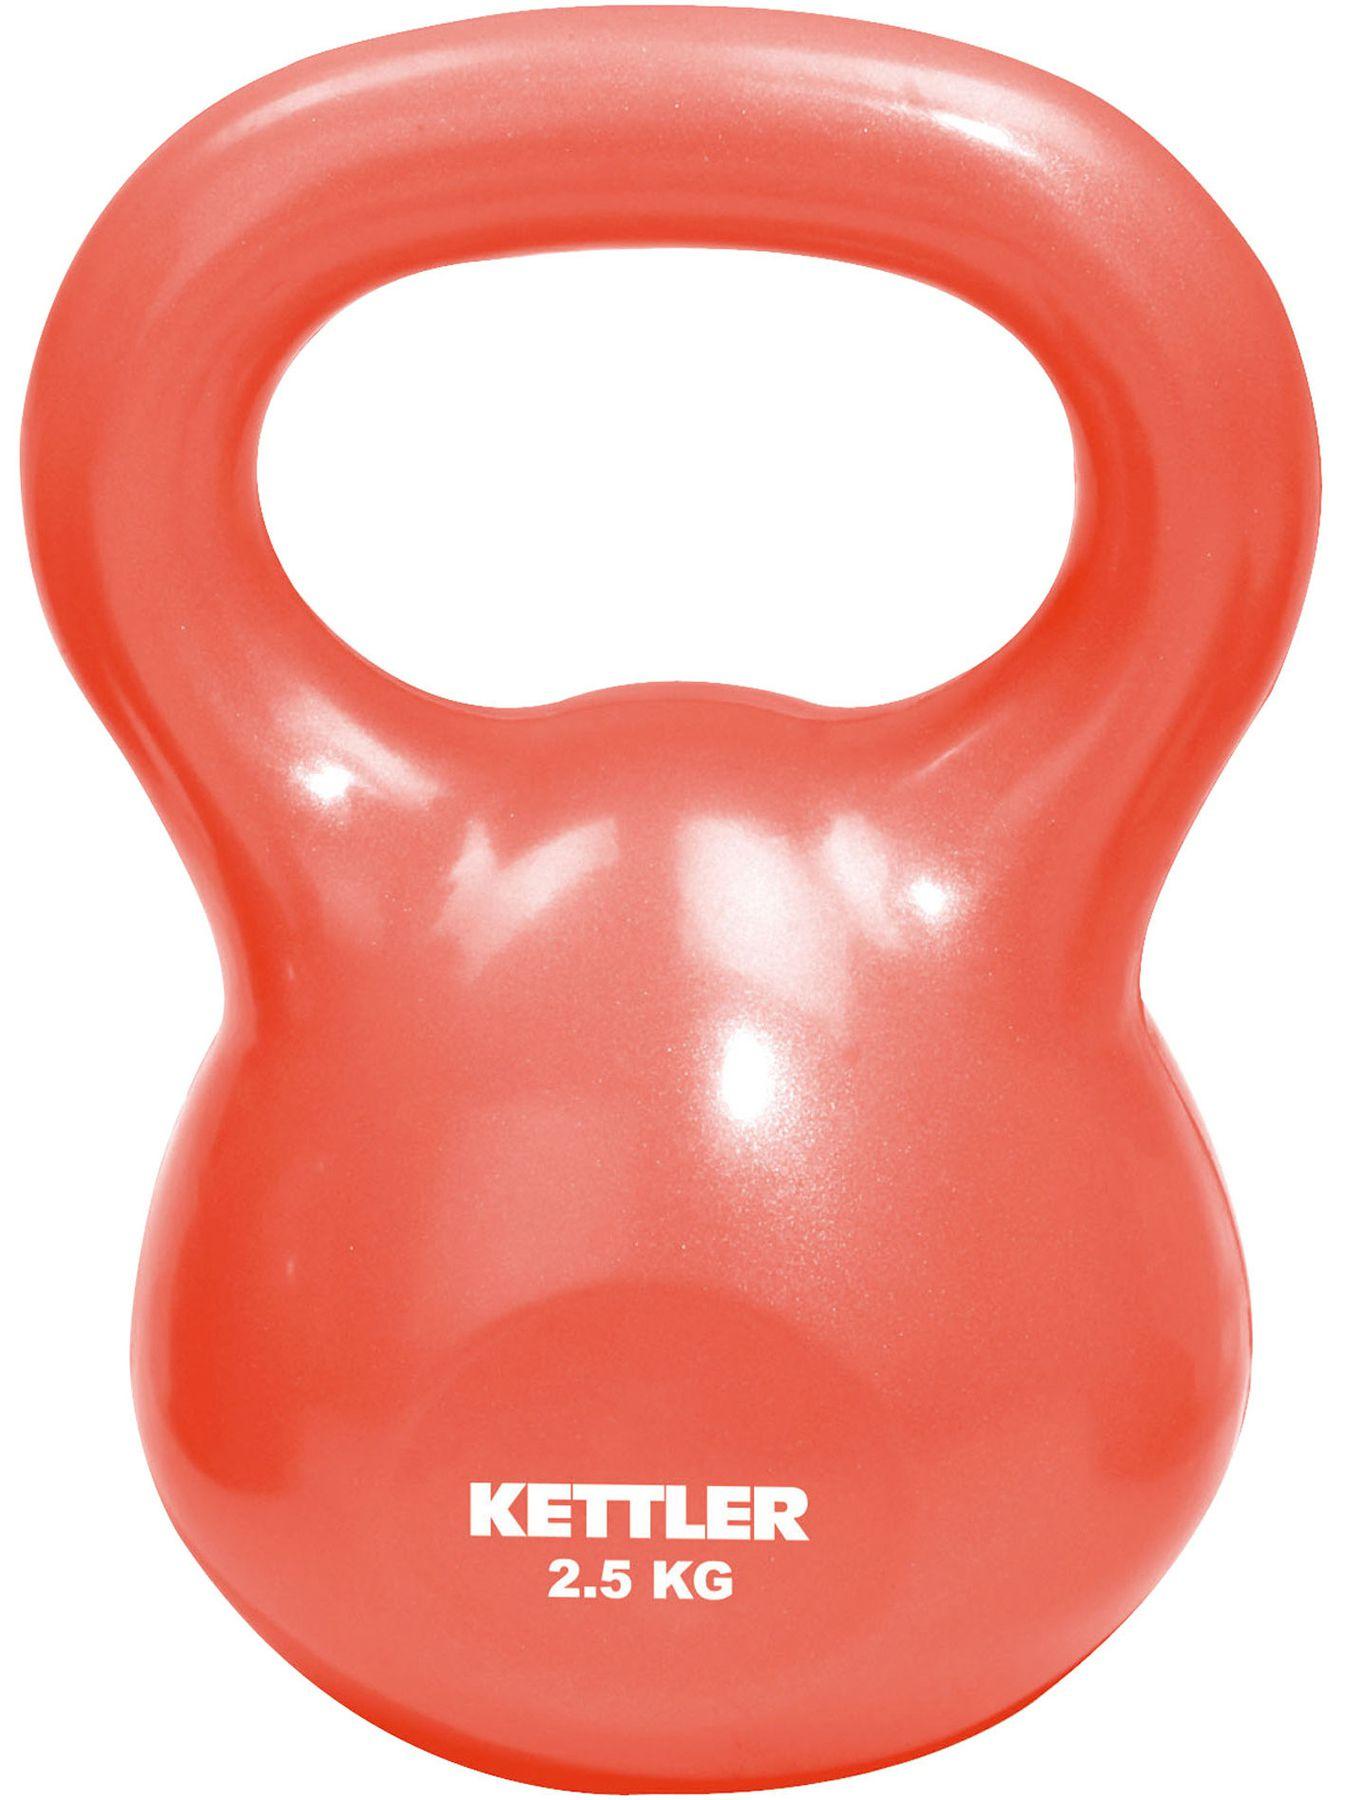 KETTLER Fitnesa hanteles Kettle Bell Basic 2,5kg.grau 7370-065 hanteles